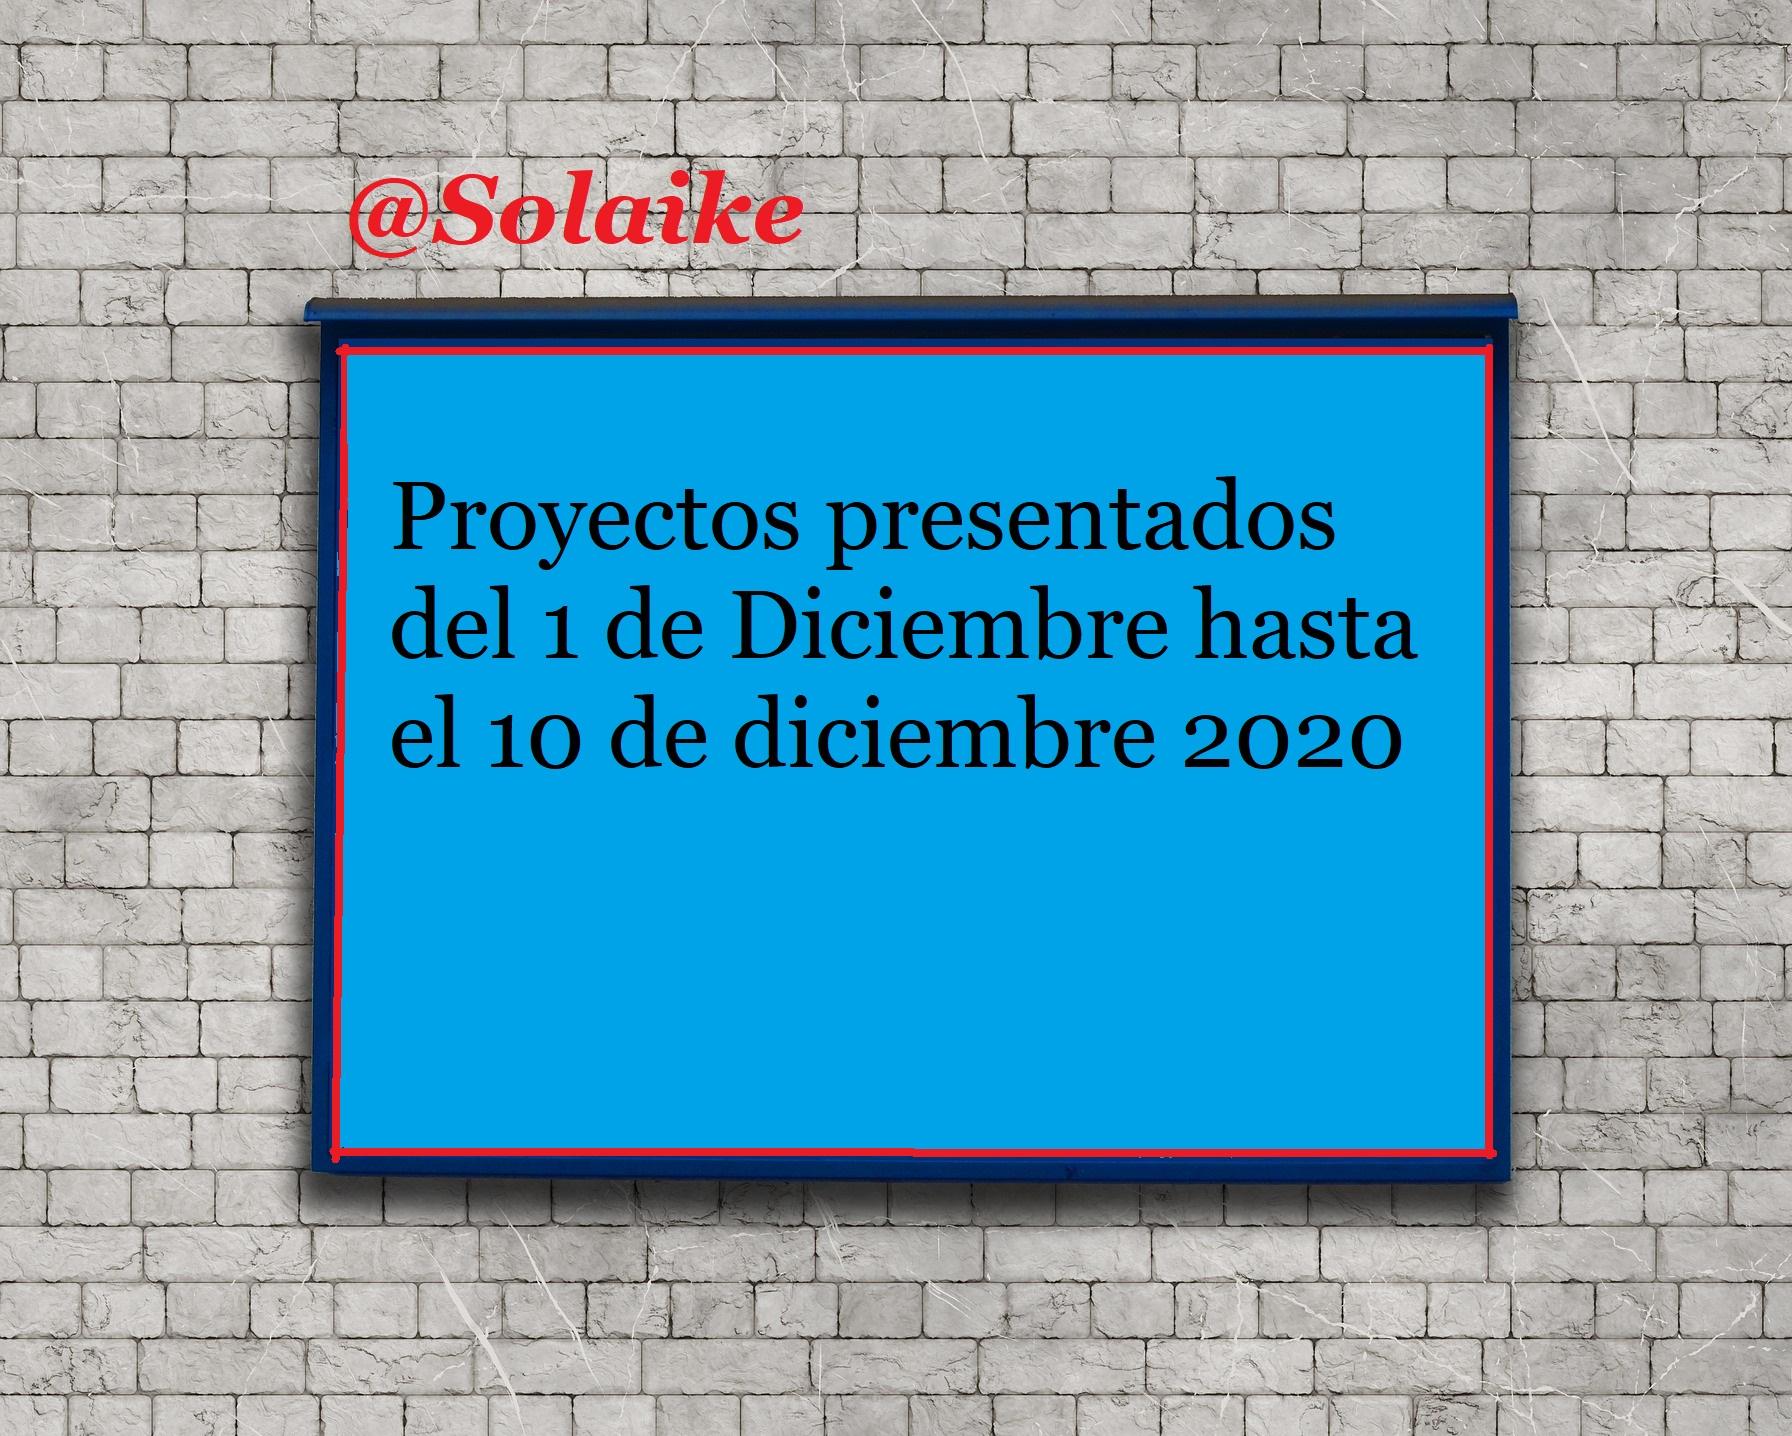 Proyectos presentados del 1 al 10 de Dicembre del 2020